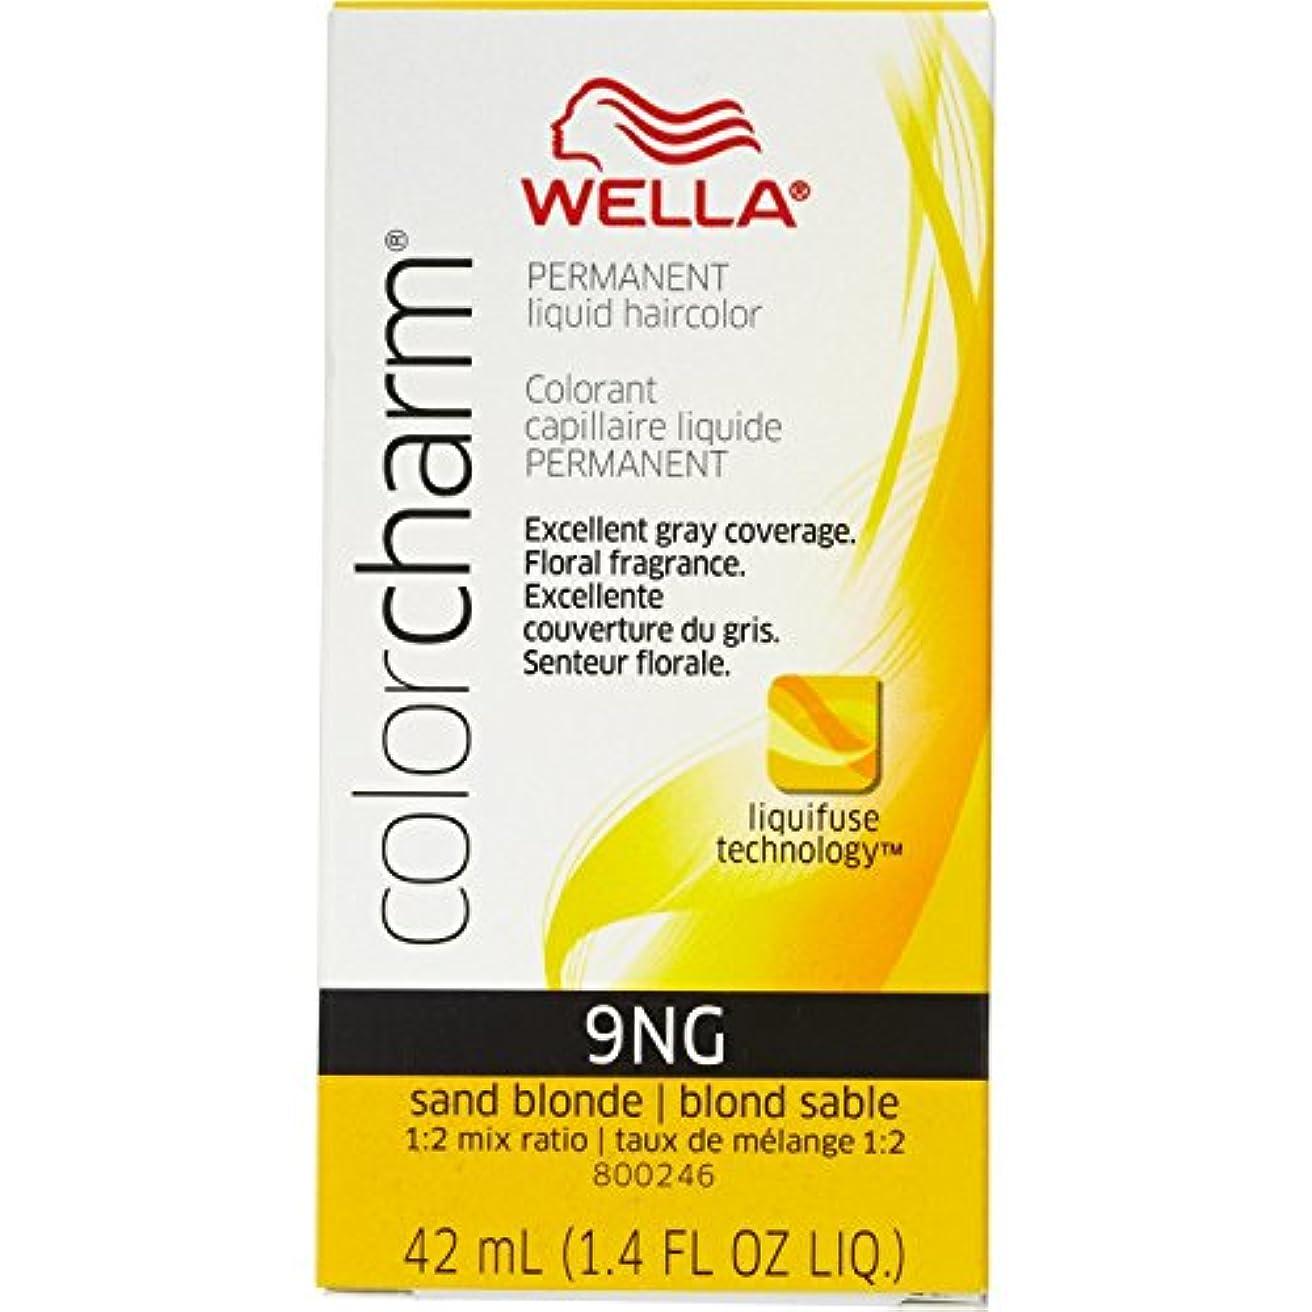 話す驚き花弁Wella 砂のブロンド色のチャーム液体パーマネントヘアカラー